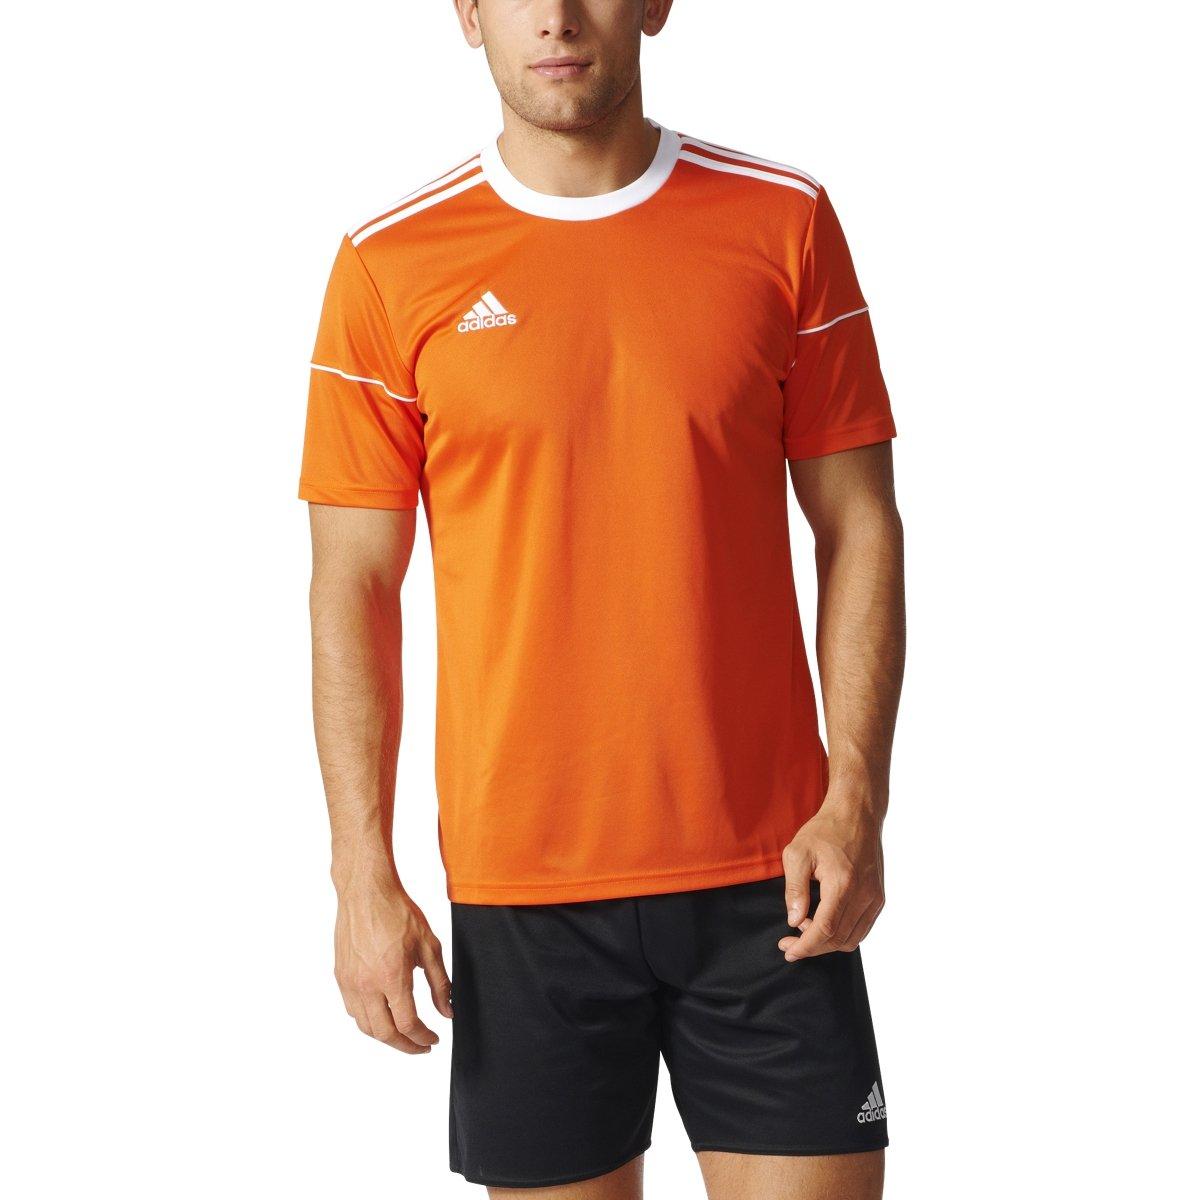 11b5d3279 Galleon - Adidas Mens Squadra 17 Soccer Jersey Training Top Football  (Medium